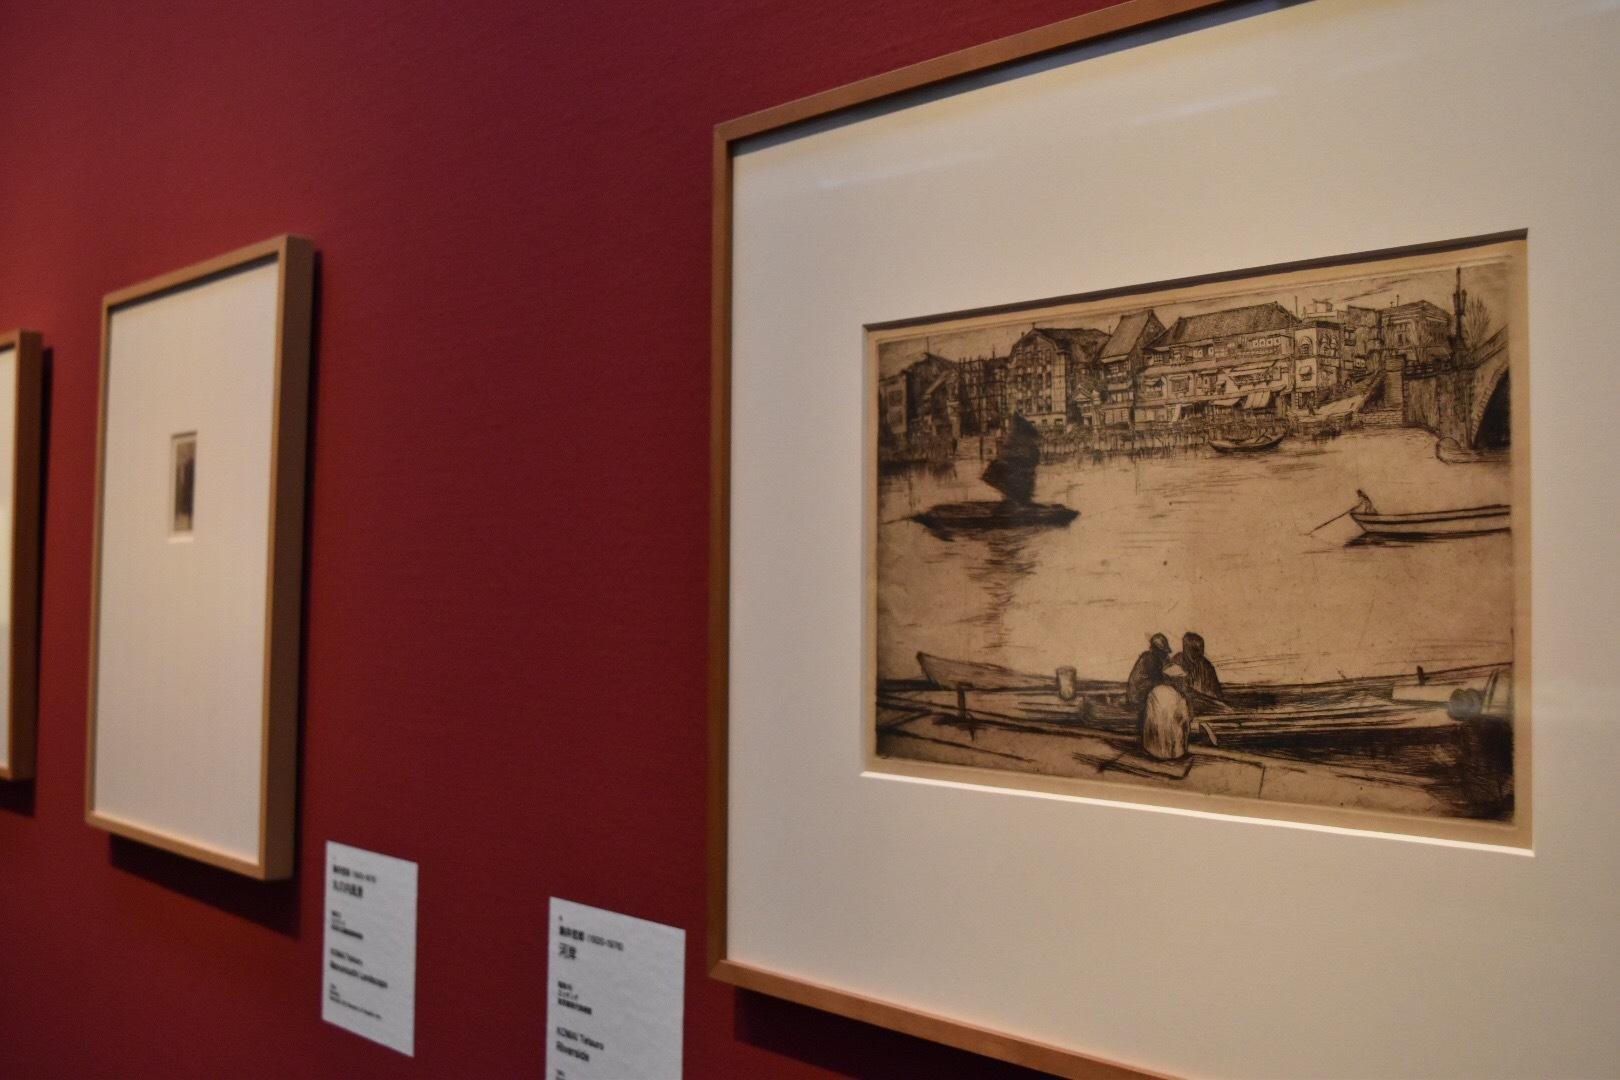 《河岸》 駒井哲郎 昭和16年 東京都現代美術館蔵